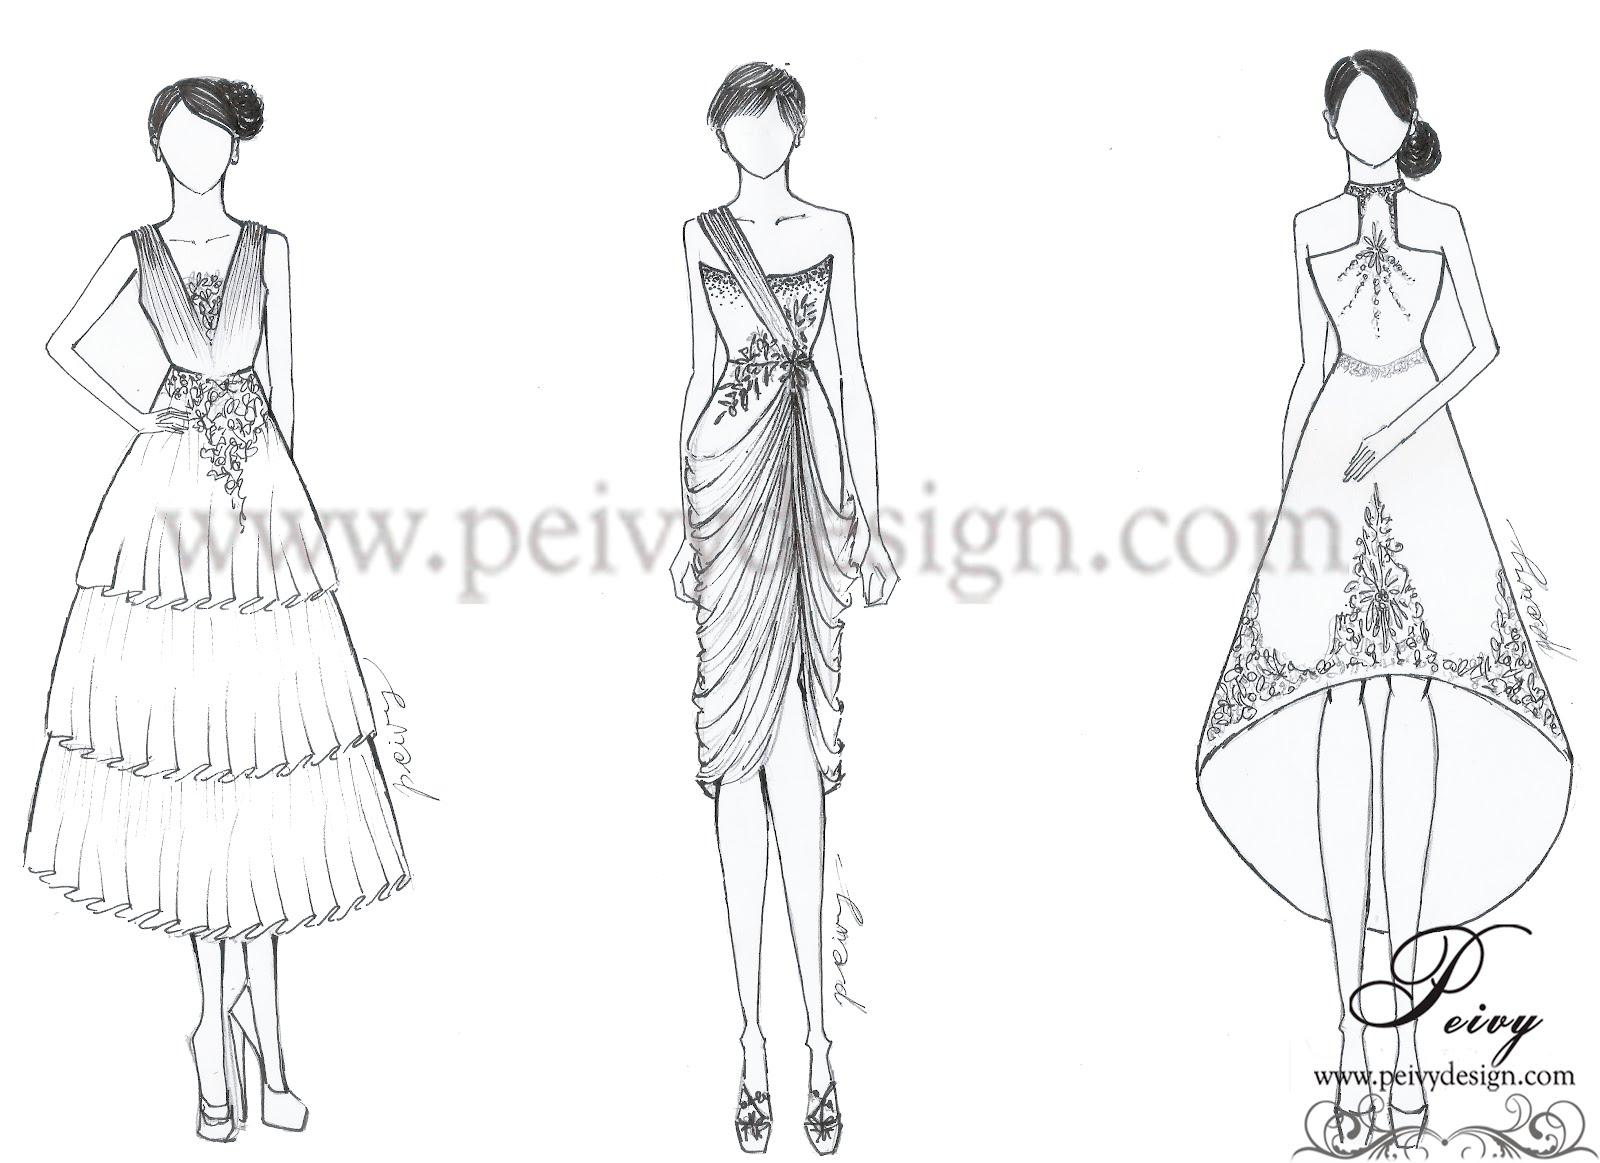 Kumpulan Soal Pelajaran 8 Gambar Desain Sketsa Baju Dress